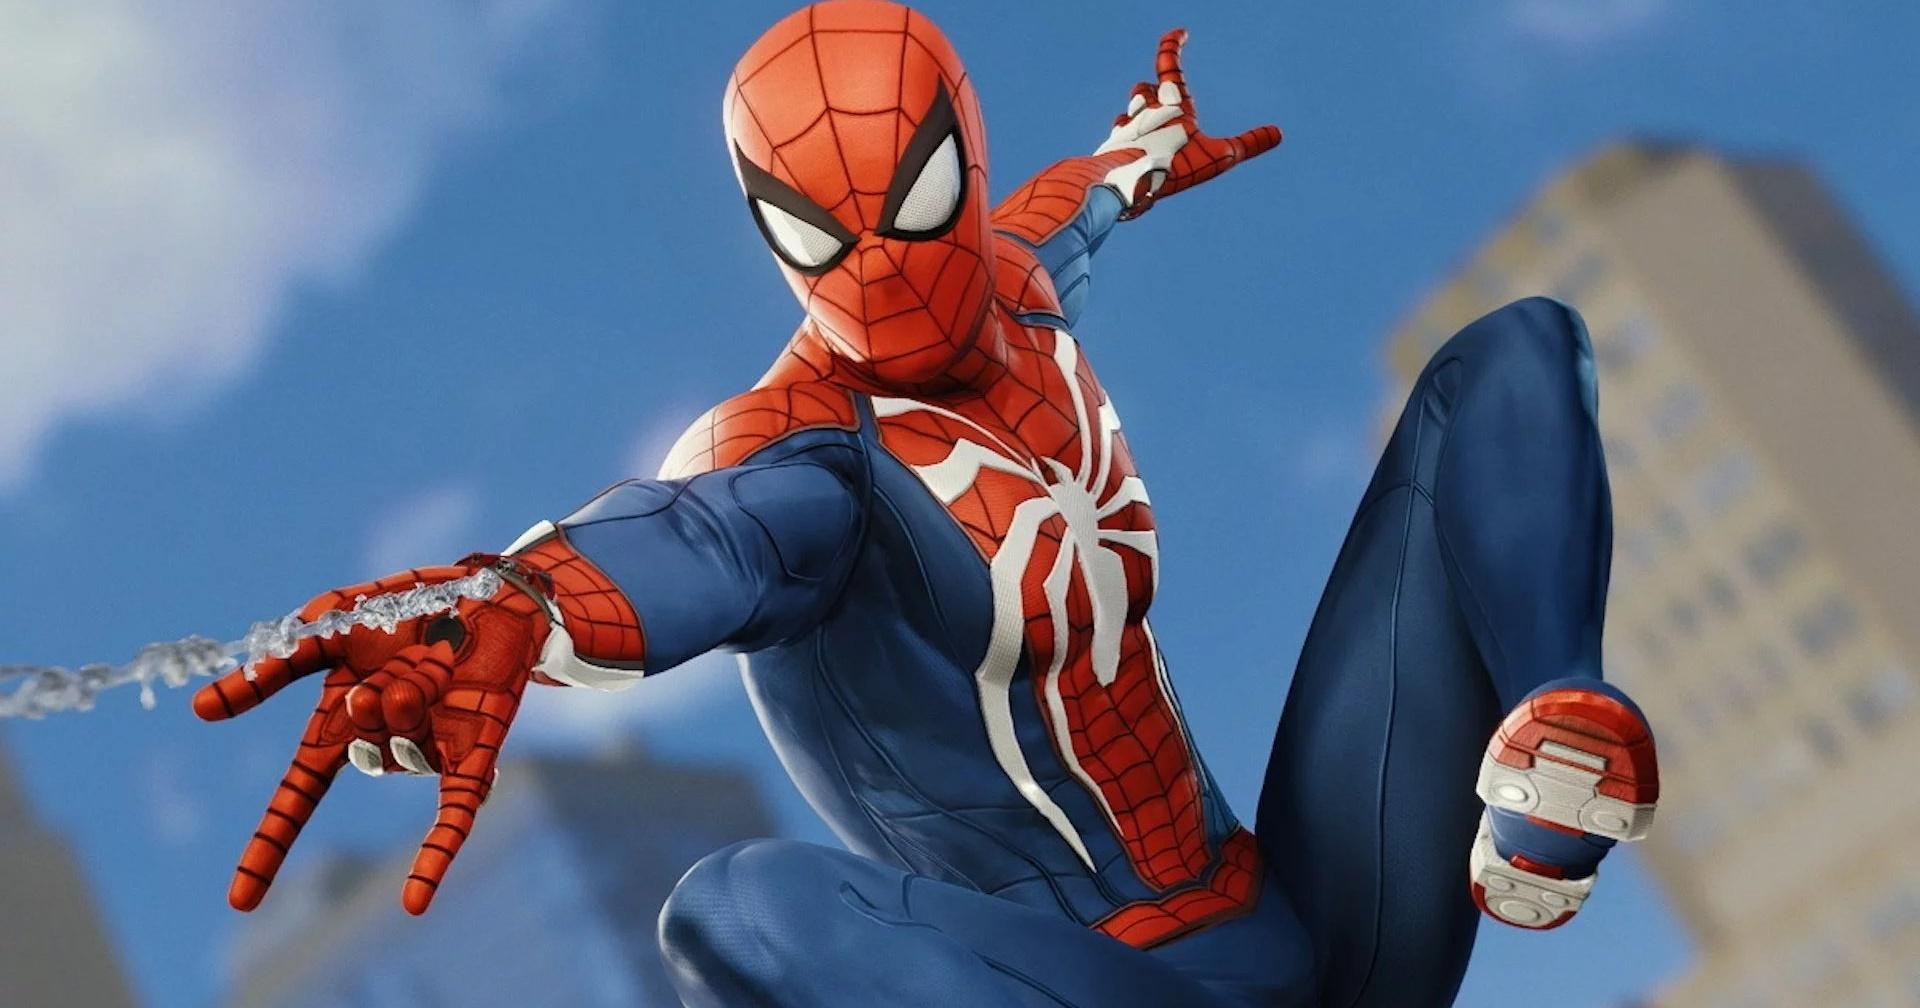 spider-man-marvels-avengers.jpg